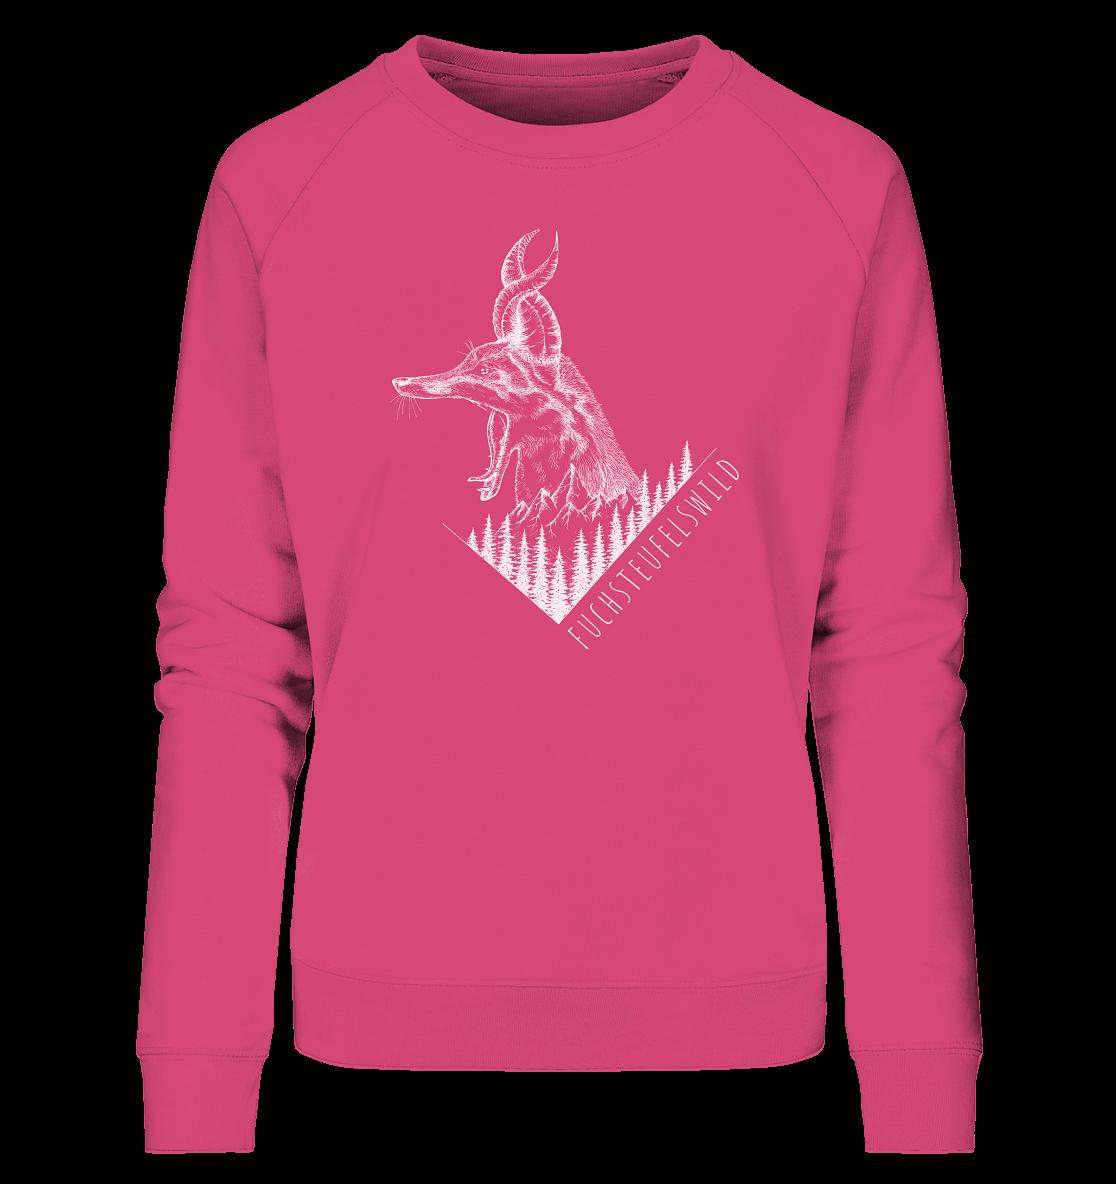 front-ladies-organic-sweatshirt-d94979-1116x-8.png